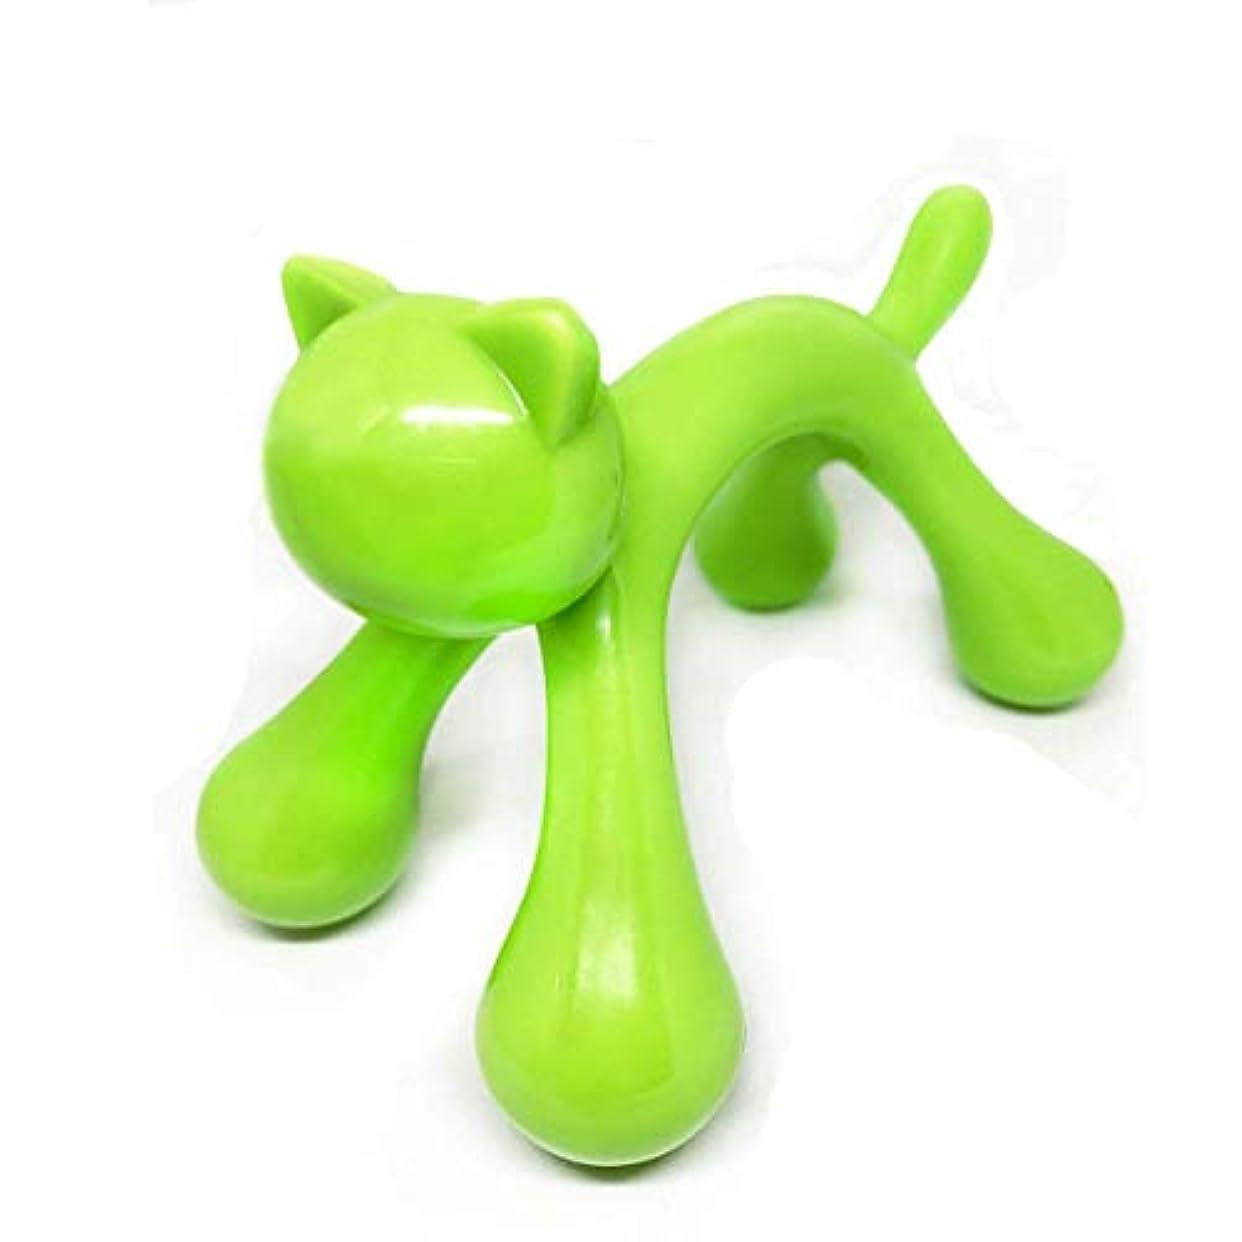 ビクター用心するオリエンテーションSimg マッサージ棒 ツボ押しマッサージ台 握りタイプ 背中 ウッド 疲労回復 ハンド 背中 首 肩こり解消 可愛いネコ型 (グリーン)